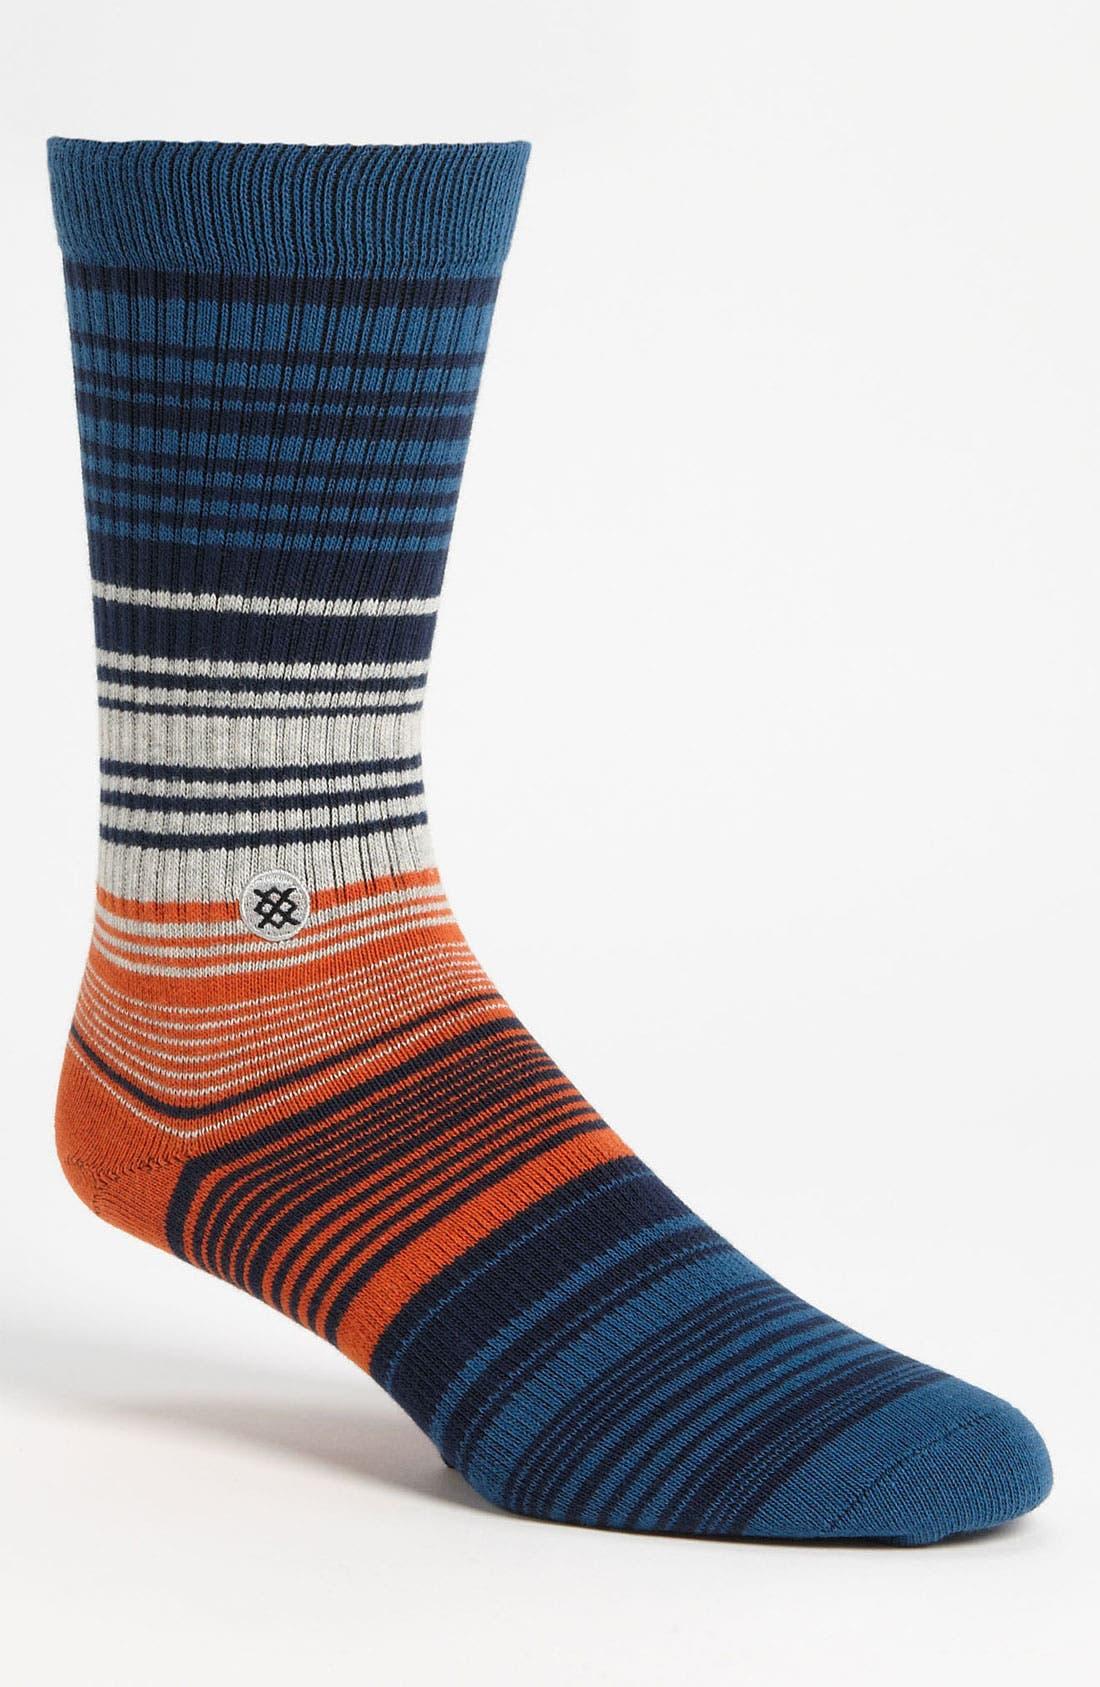 Alternate Image 1 Selected - Stance 'Caspian' Socks